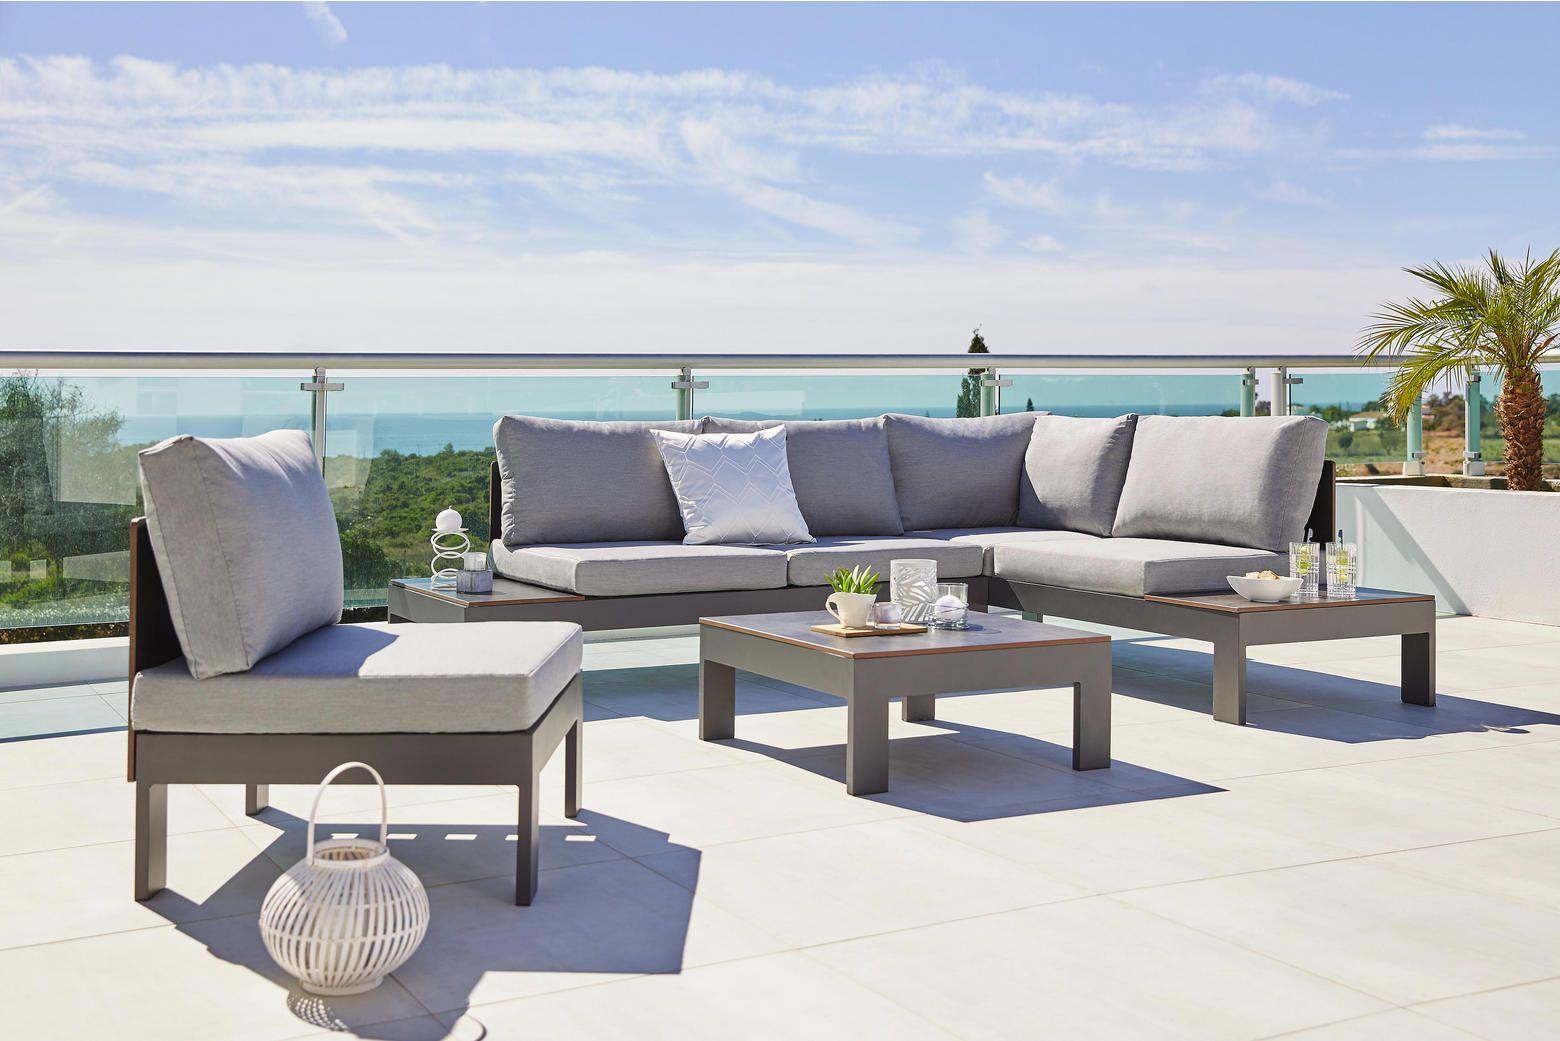 Moderne Gartenlounge Aus Metall Mit Polsterung Lounge Garnitur Garten Lounge Lounge